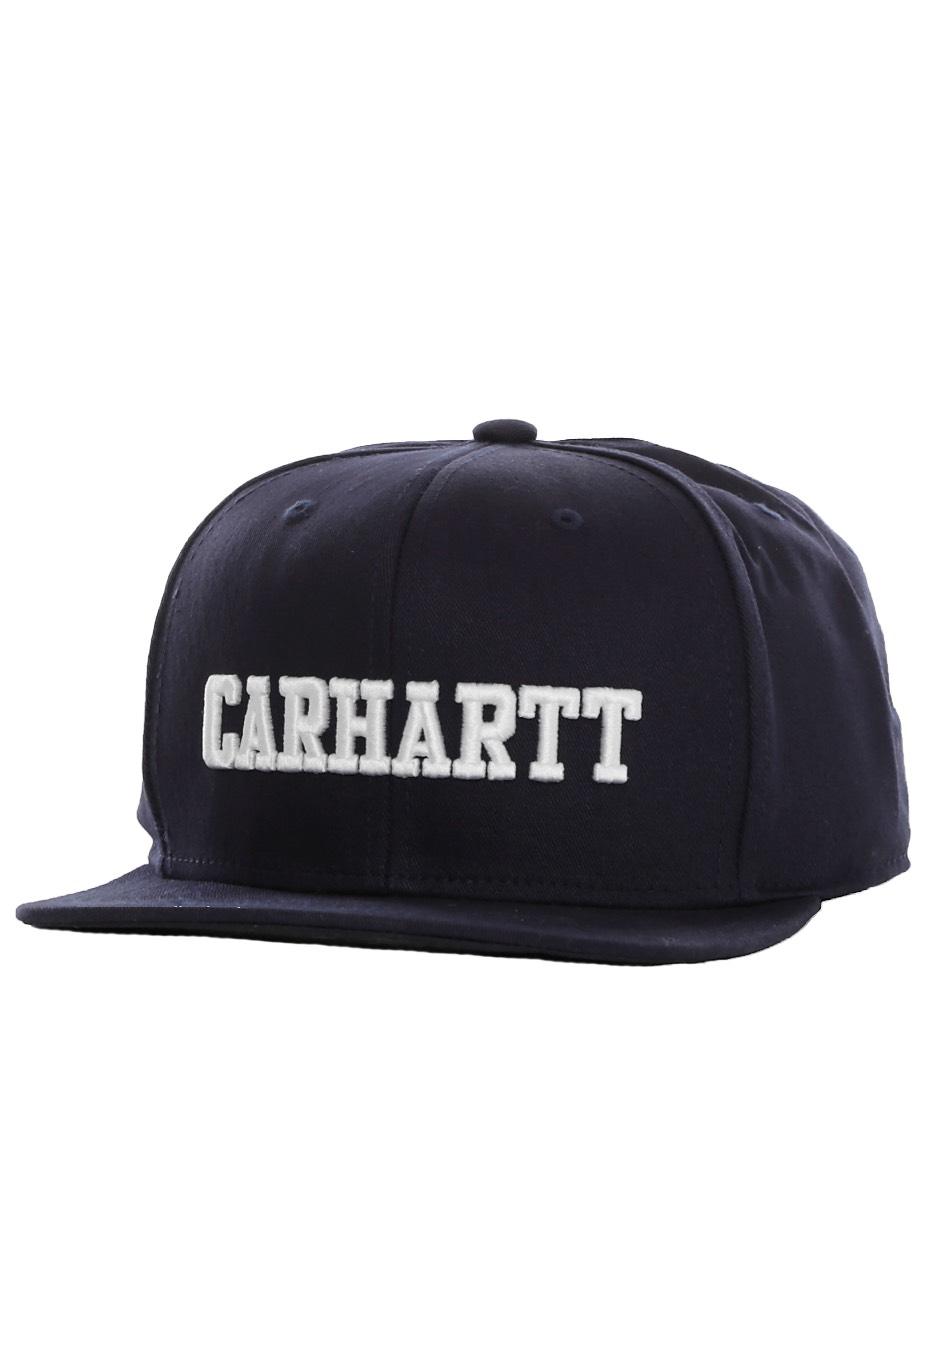 575d66ee1d3 Carhartt WIP - Walker Starter Twill Navy White - Cap - Streetwear Shop -  Impericon.com US